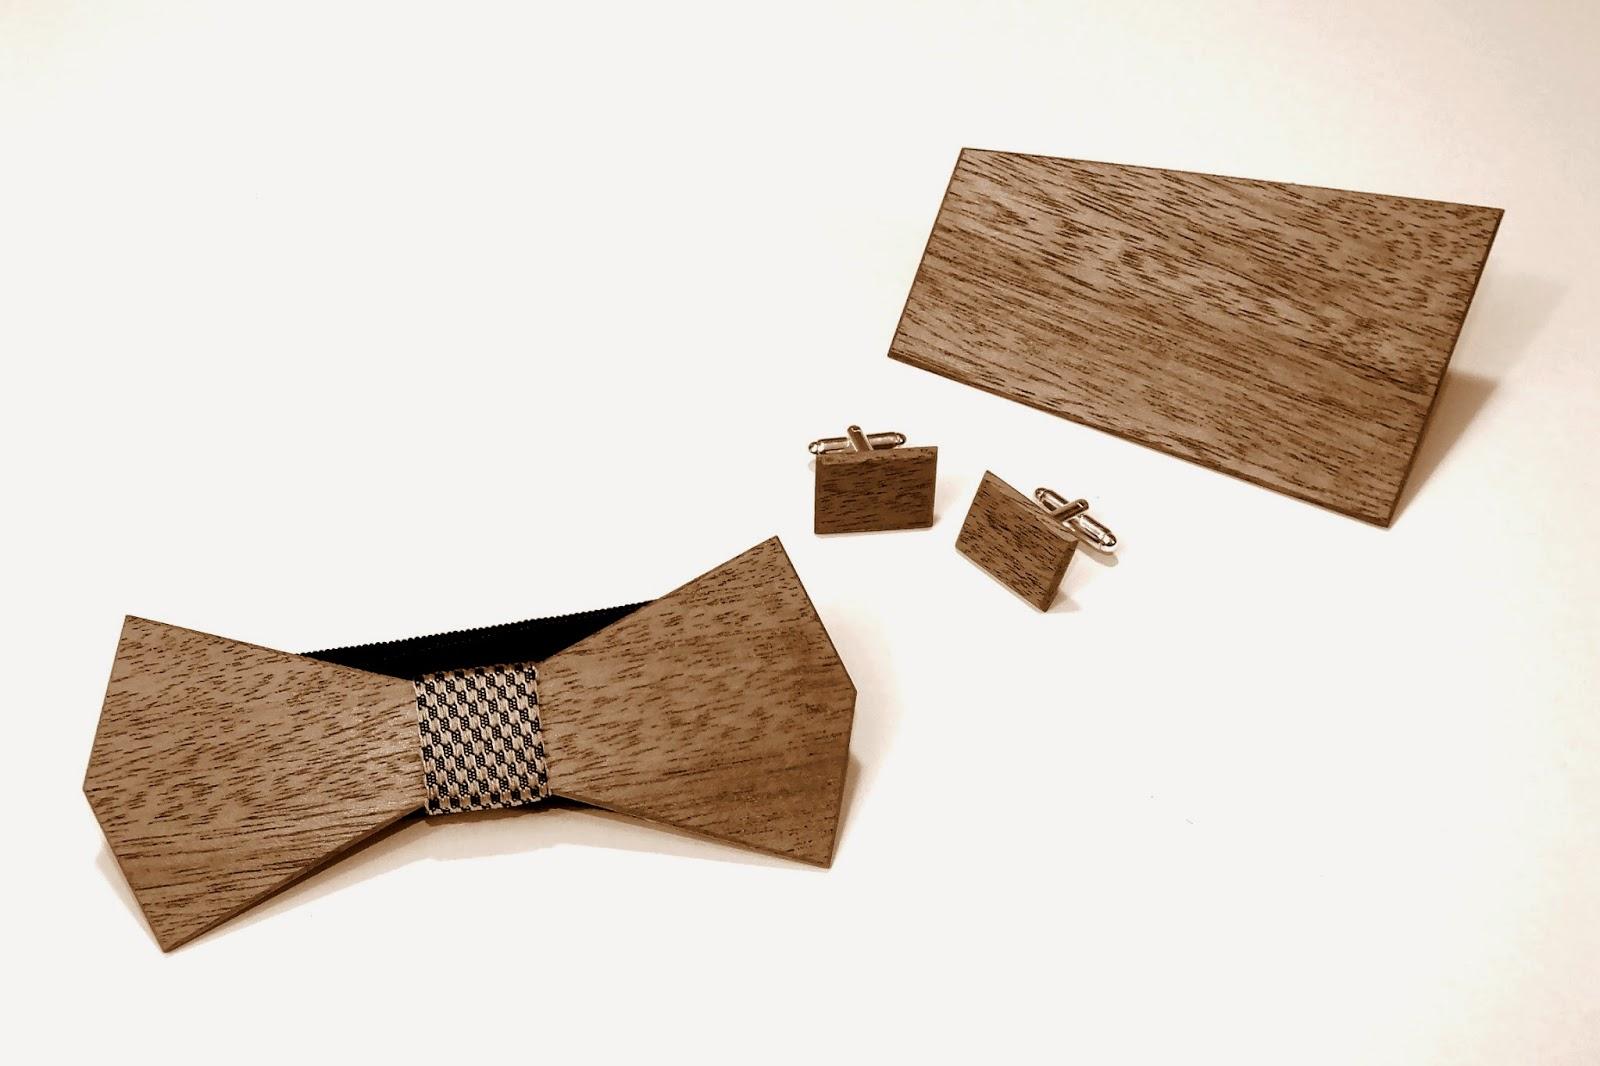 muszka z drewna, drewniana muszka, drewniane spinki do mankietów, drewniana poszetka, idealny pomysł na prezent, dla niego, prezent dla niego, akcesoria meskie, drewniane gadzety dla niego, oryginalny komplet na prezent